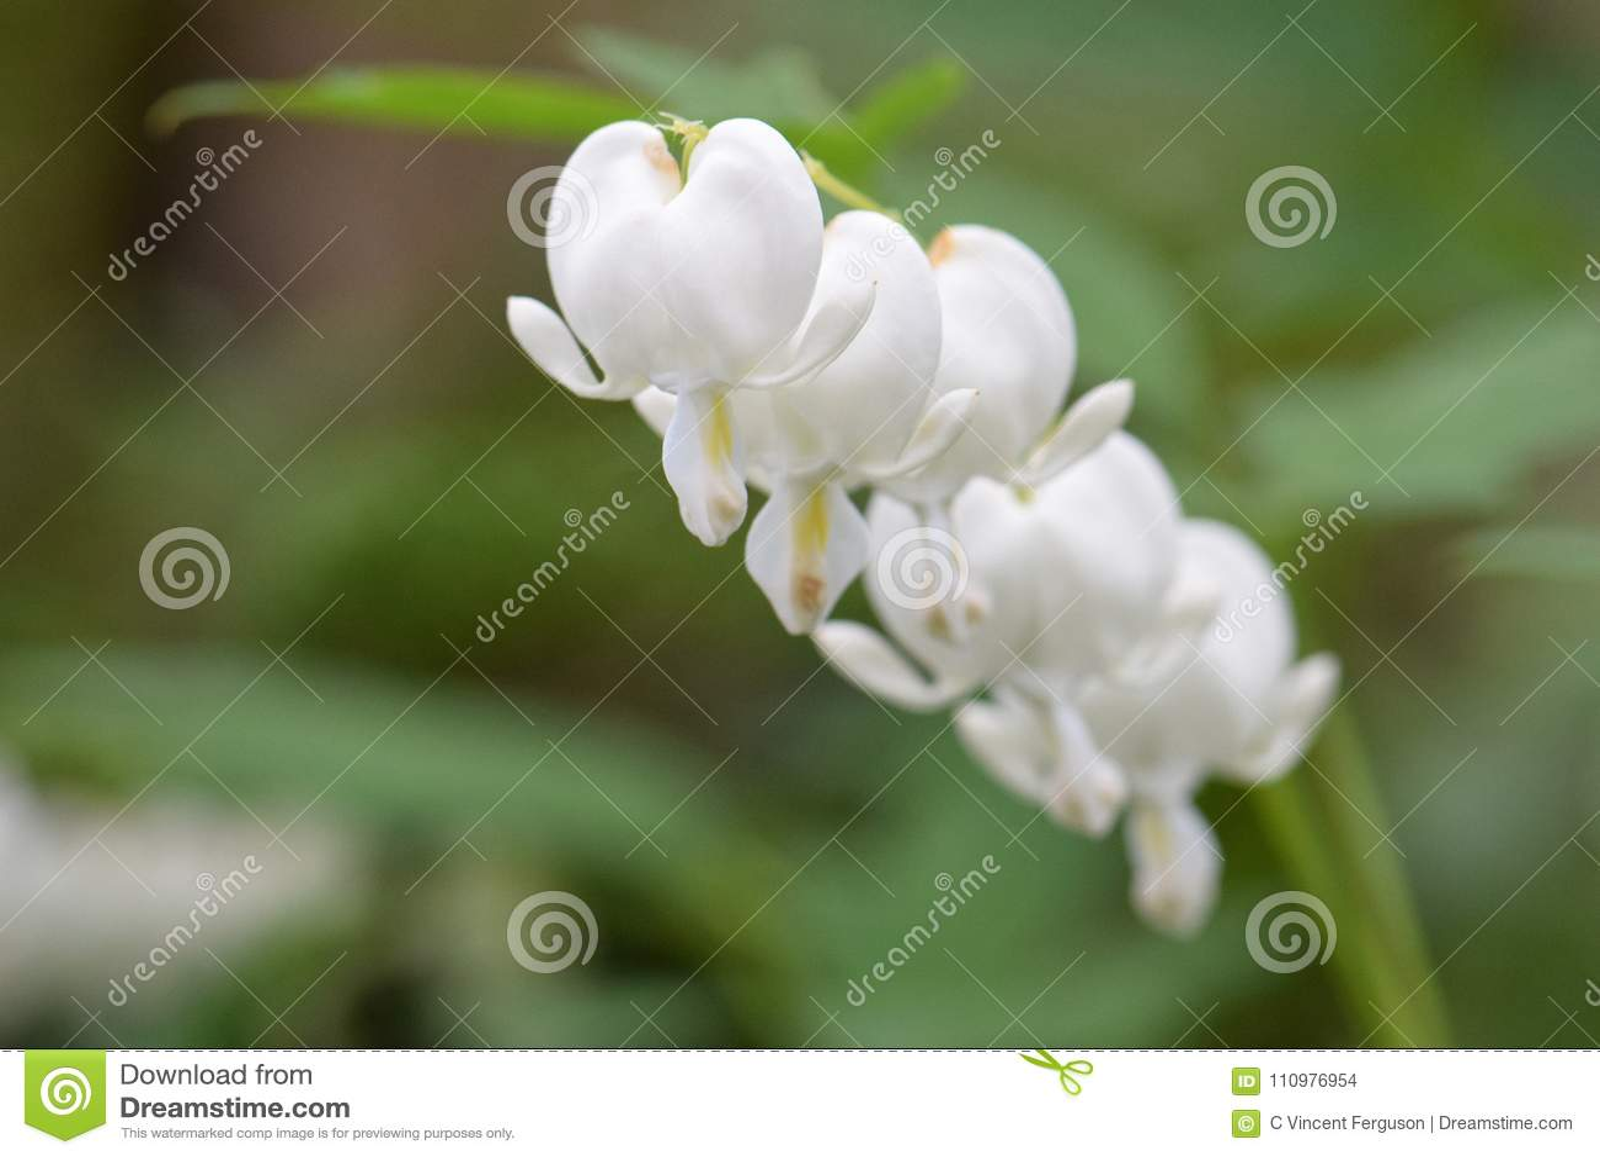 White Bleeding Heart Flowers On Vine Stock Photo Image Of Blossom